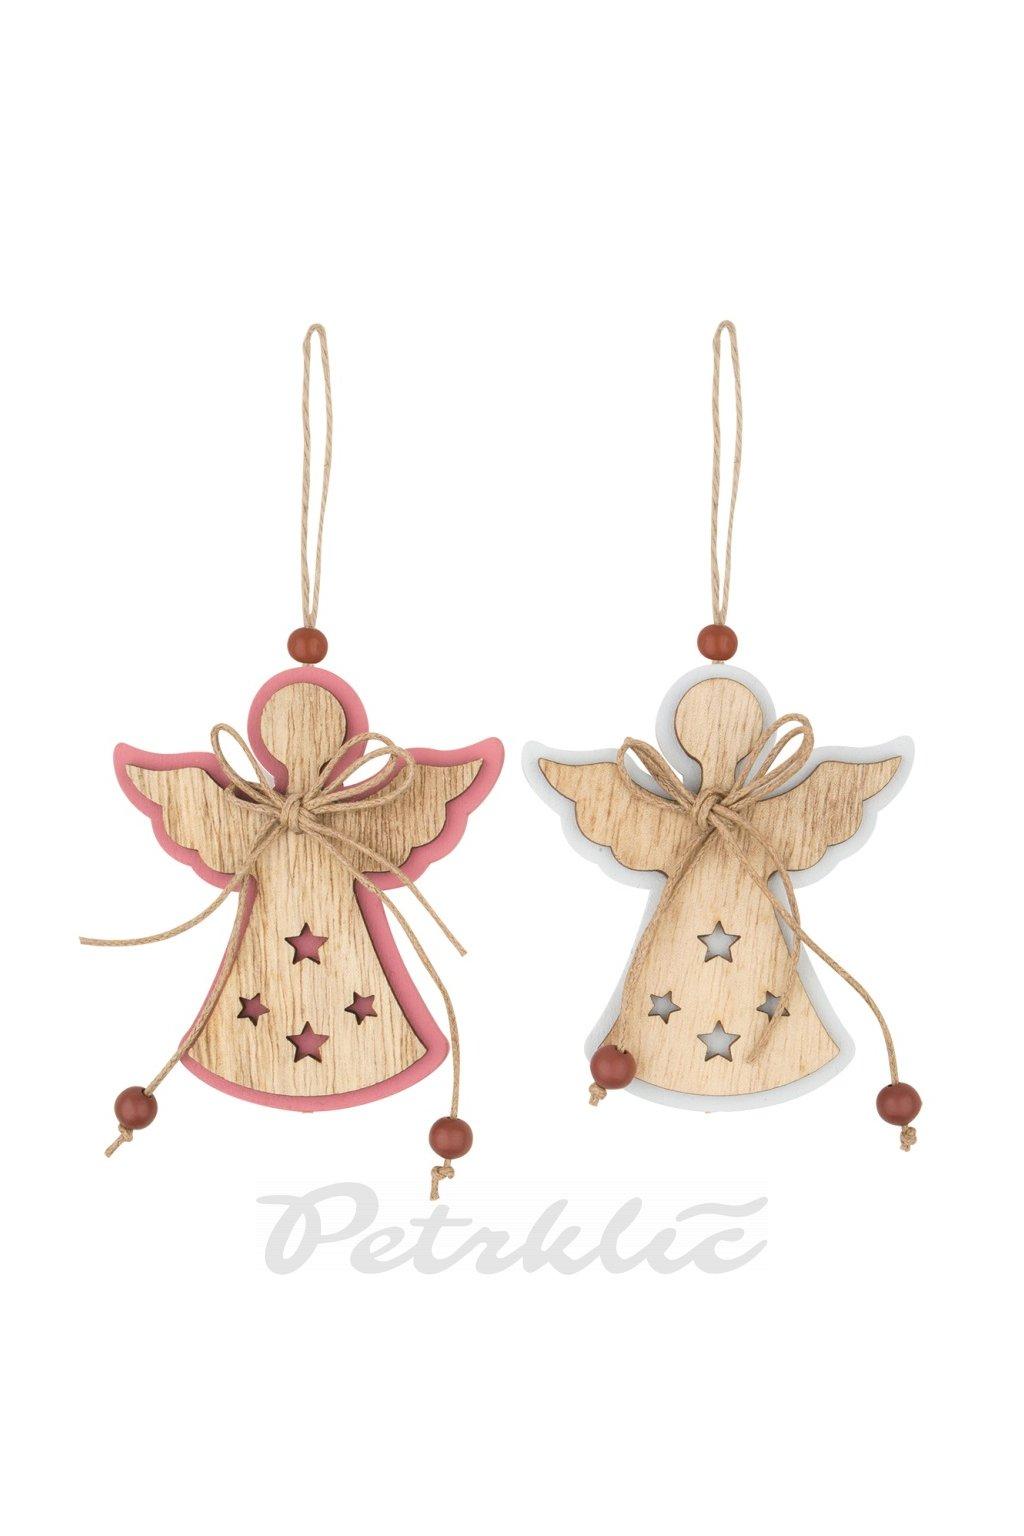 Anděl dřevěný na zavěšení - 8 cm - L4762